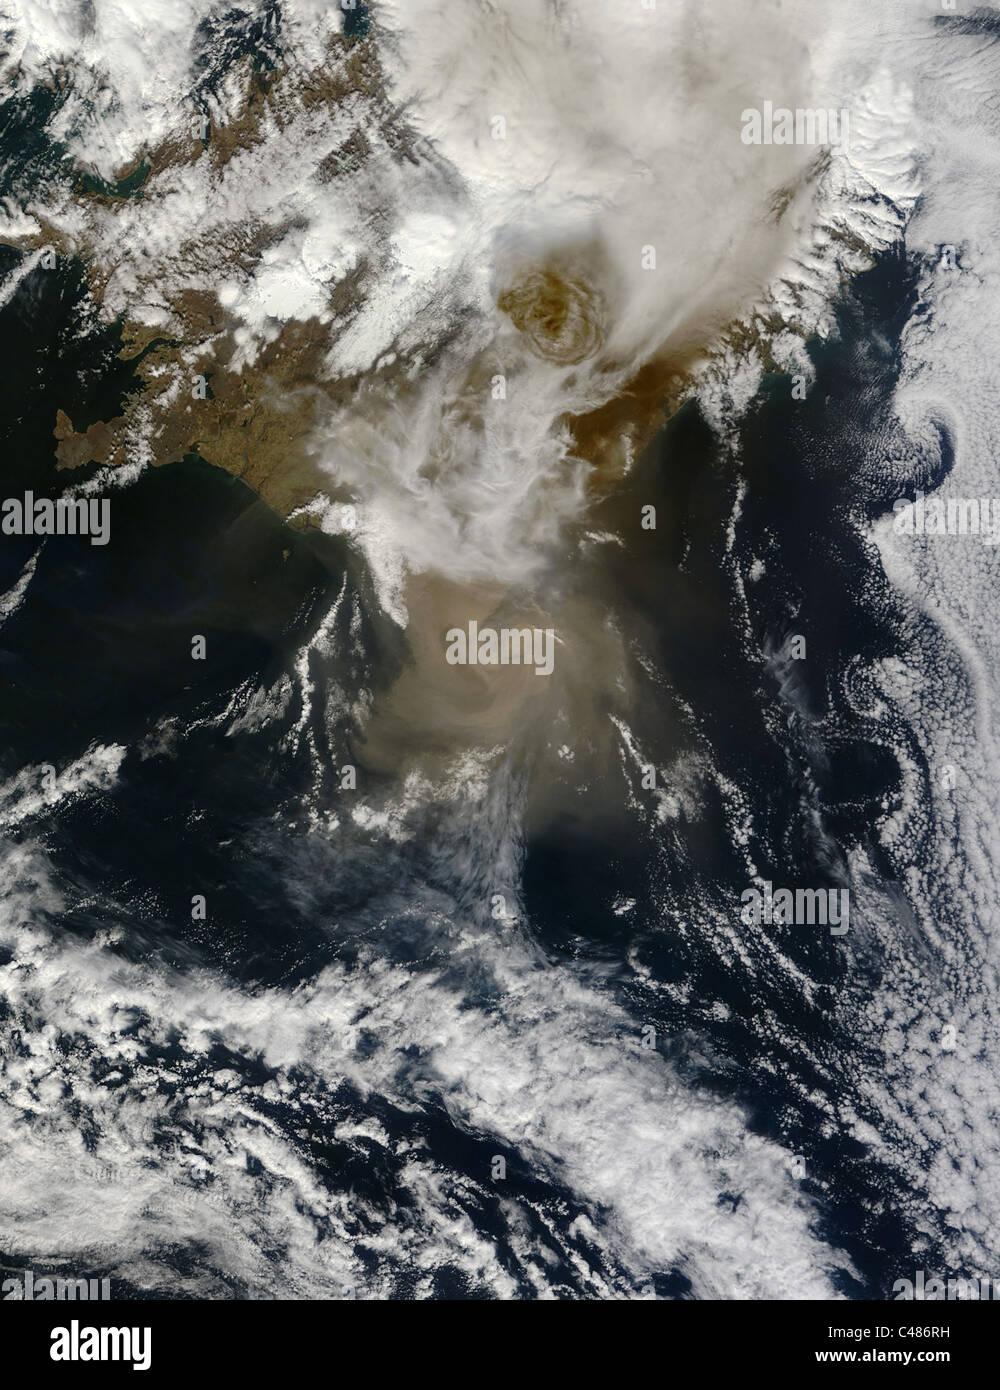 IcelandÕs Grimsvotn Volcano On May 21, 2011, IcelandÕs Grimsvotn Volcano erupted, sending an ash plume - Stock Image